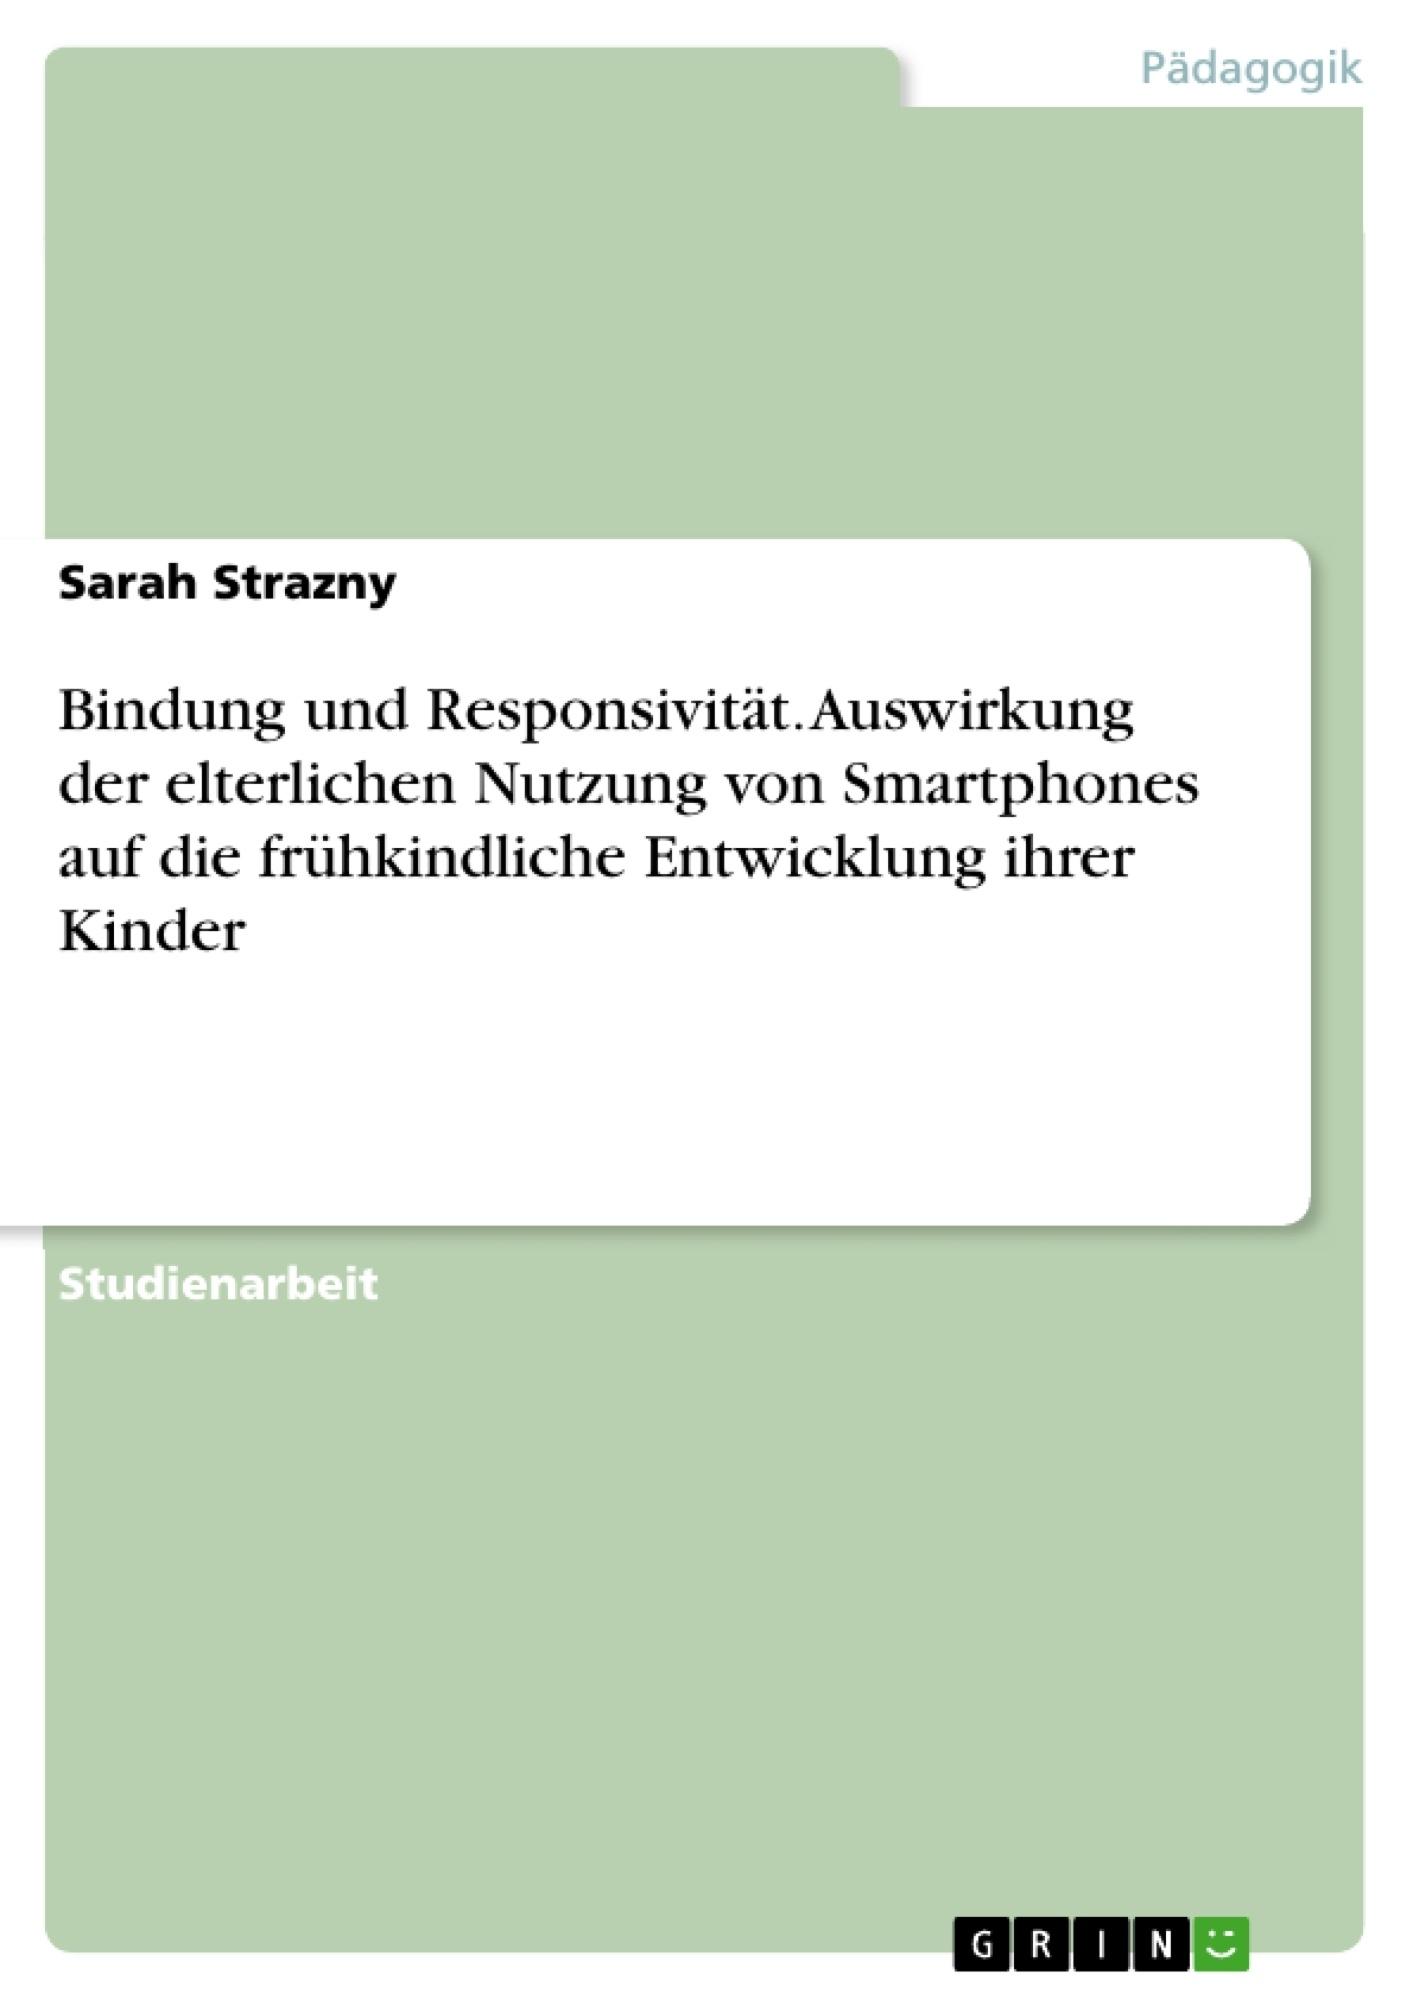 Titel: Bindung und Responsivität. Auswirkung der elterlichen Nutzung von Smartphones auf die frühkindliche Entwicklung ihrer Kinder